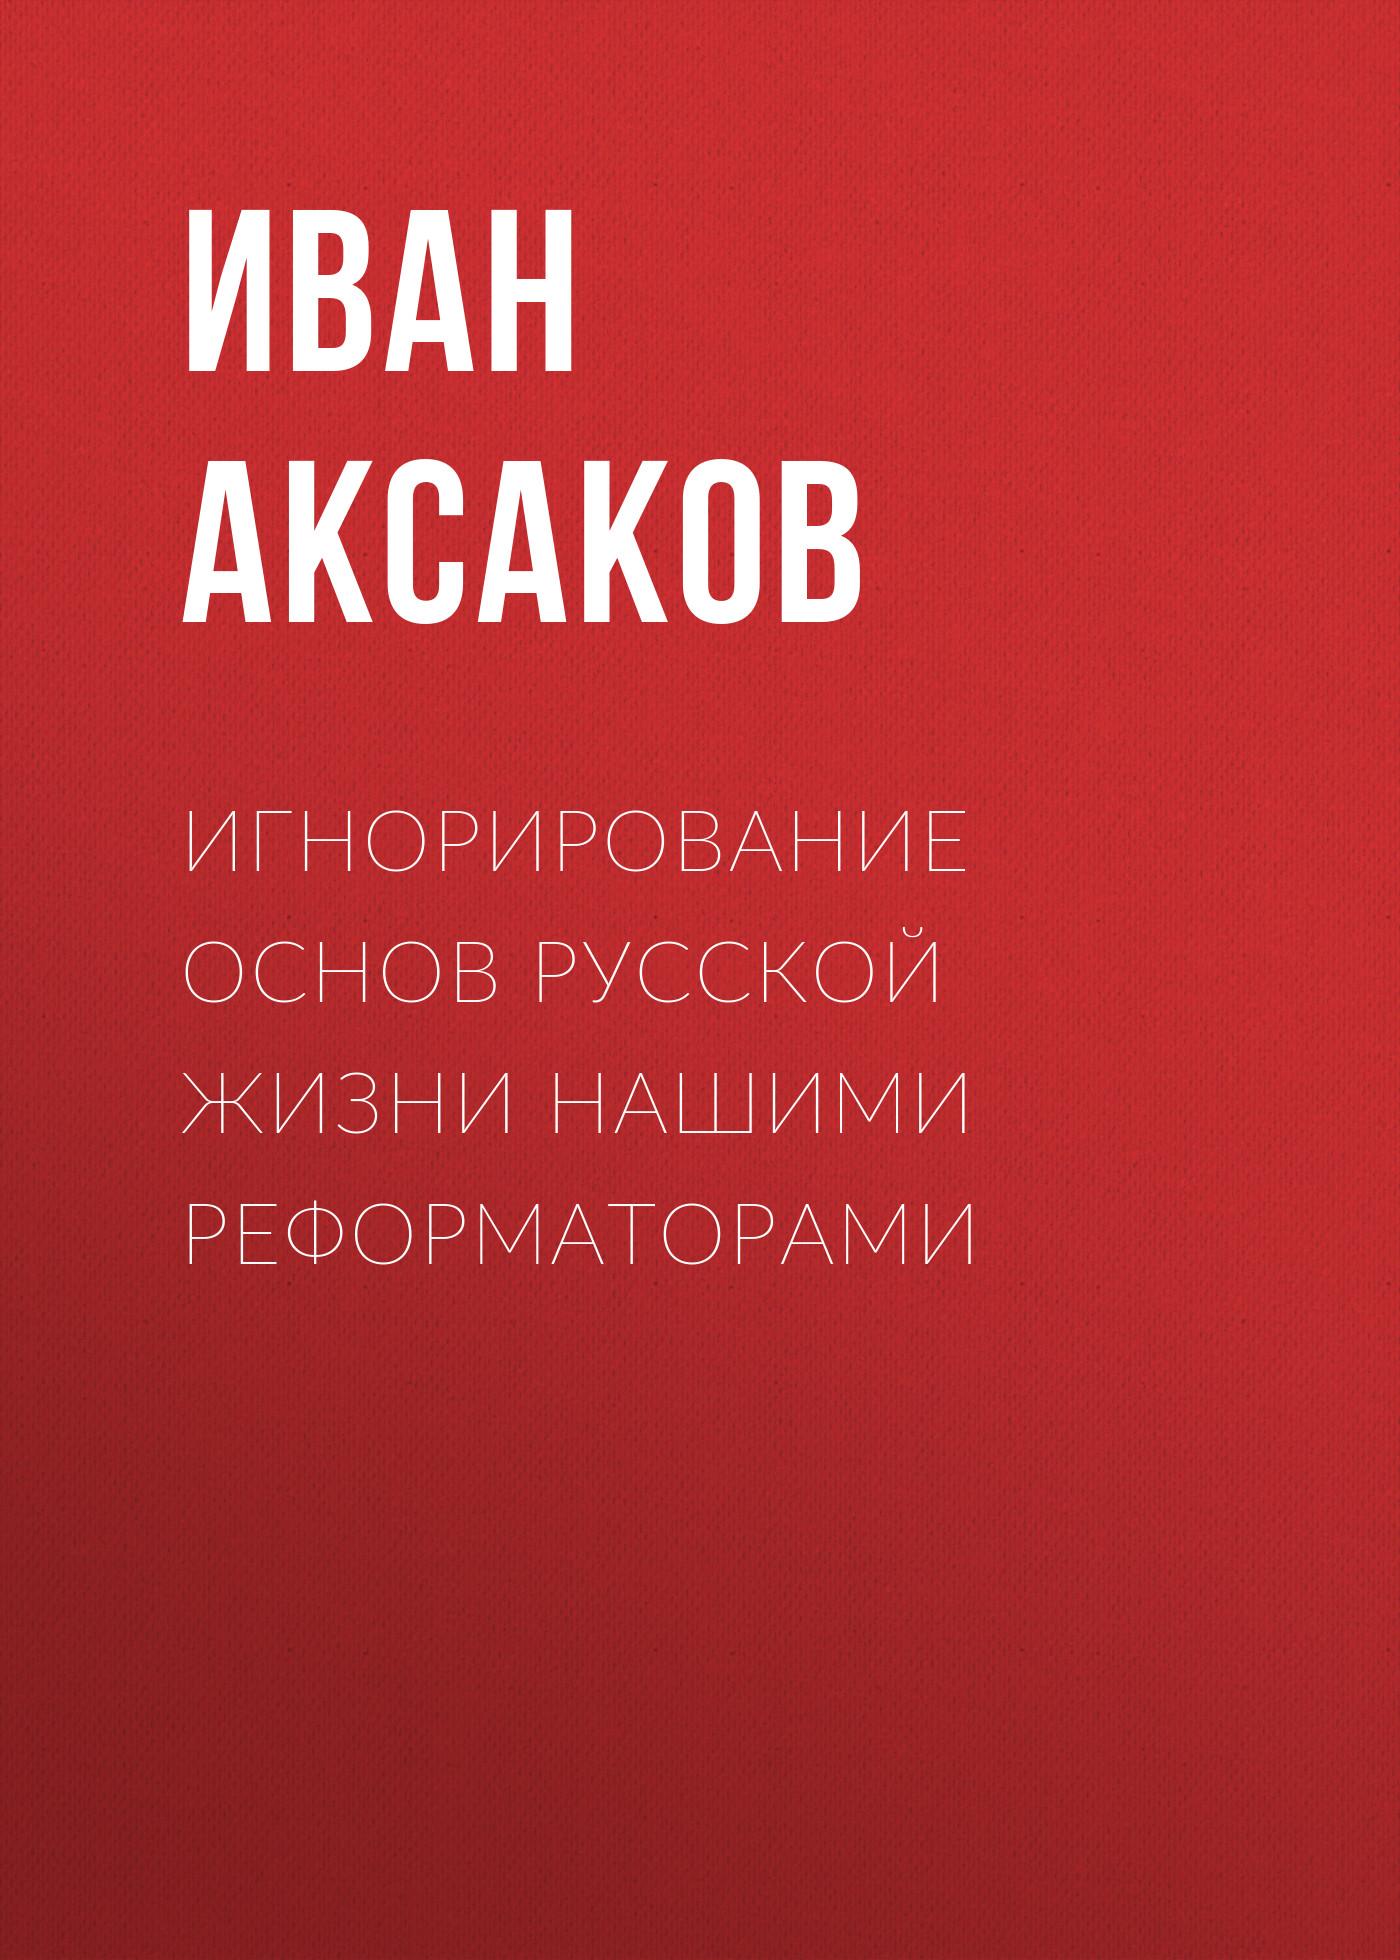 Иван Аксаков Игнорирование основ русской жизни нашими реформаторами b5197036f1203